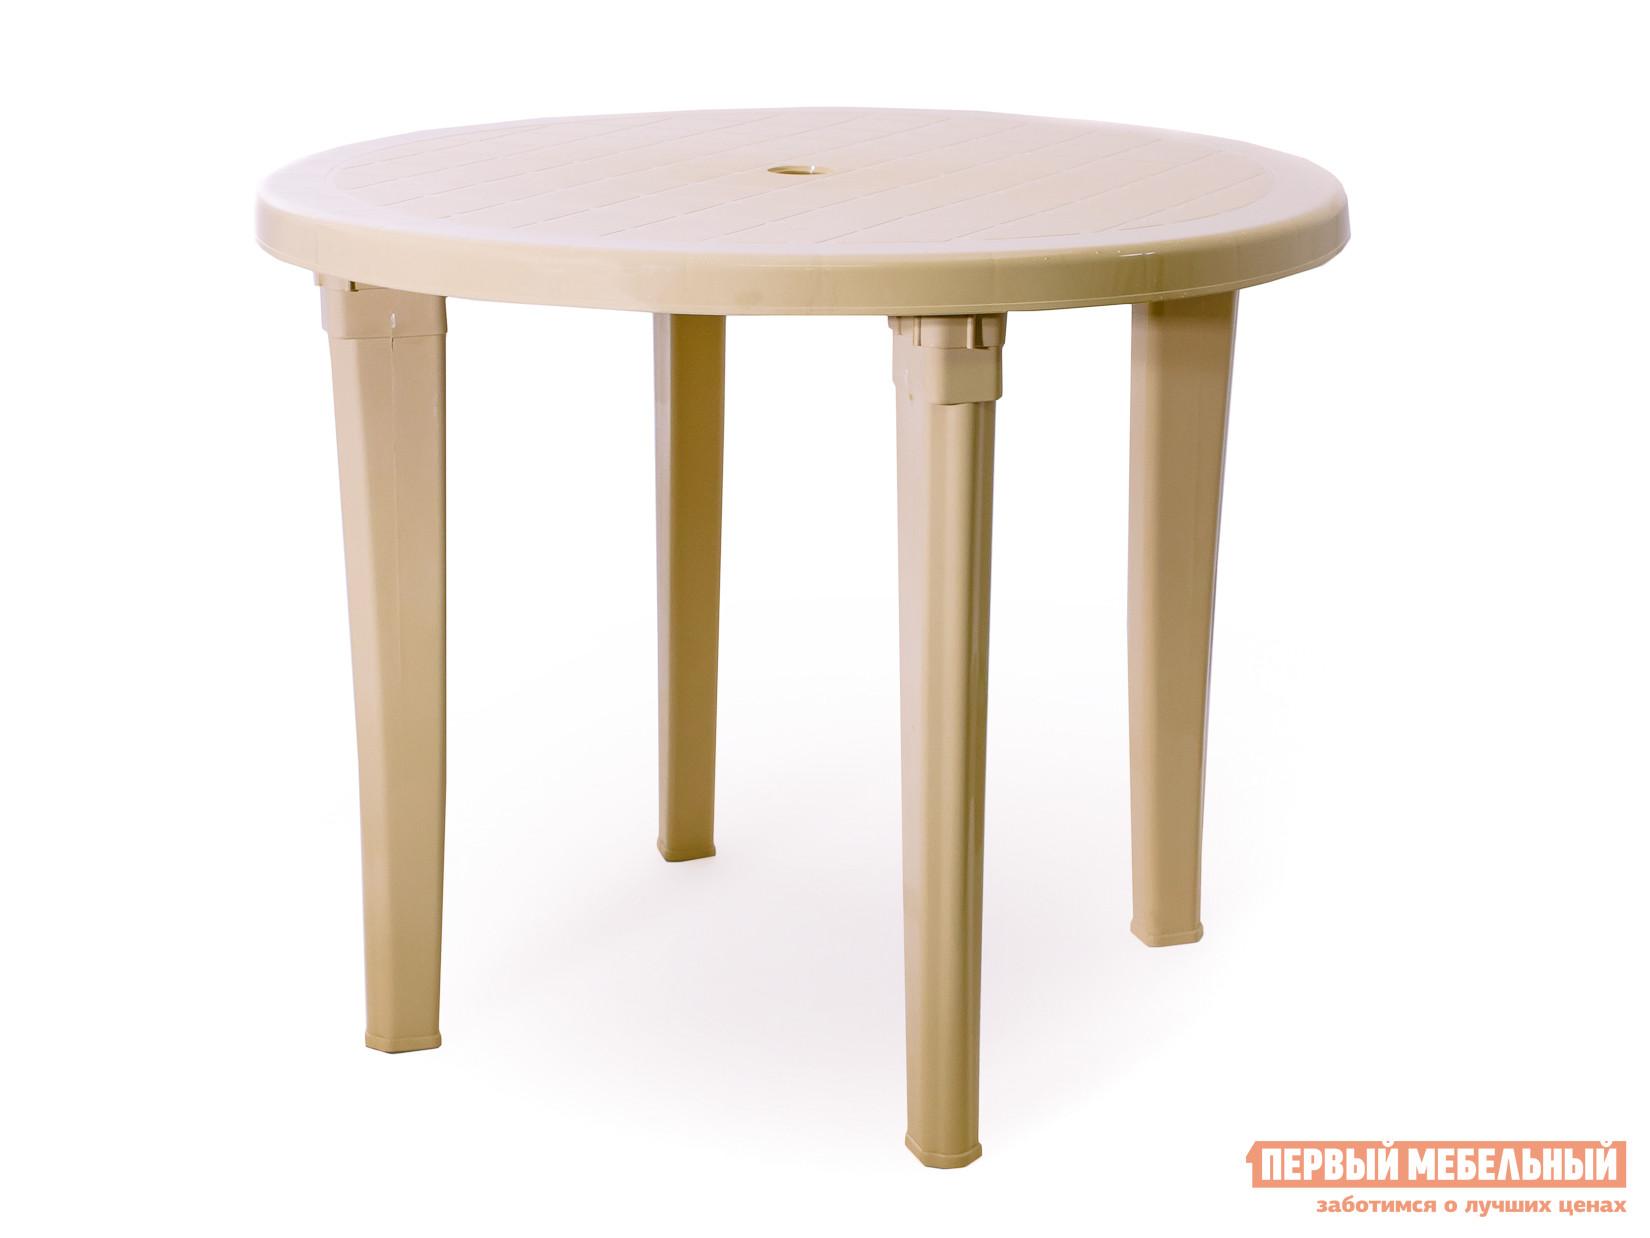 Пластиковый стол ЭЛП Стол круглый БежевыйПластиковые столы<br>Габаритные размеры ВхШхГ 740x950x950 мм. Яркий и практичный круглый стол Пинто-2 будет уместен и на даче и в летнем кафе.  Большая столешница диаметром 950 мм позволит расположиться с комфортом всей компанией.  Её круглая форма очень выгодна в этом плане — отсутствие углов играет положительную роль, обеспечивая удобство всем сидящим. Пластик, из которого изготовлен стол, легкий и прочный.  За таким изделием очень легко ухаживать и можно совершенно не беспокоиться о том, что все лето на него будет то светить палящее солнце, то лить дождь, ведь ему совершенно все равно на капризы природы.<br><br>Цвет: Бежевый<br>Высота мм: 740<br>Ширина мм: 950<br>Глубина мм: 950<br>Кол-во упаковок: 1<br>Форма поставки: В разобранном виде<br>Срок гарантии: 1 год<br>Форма: Круглые<br>Размер: Большие